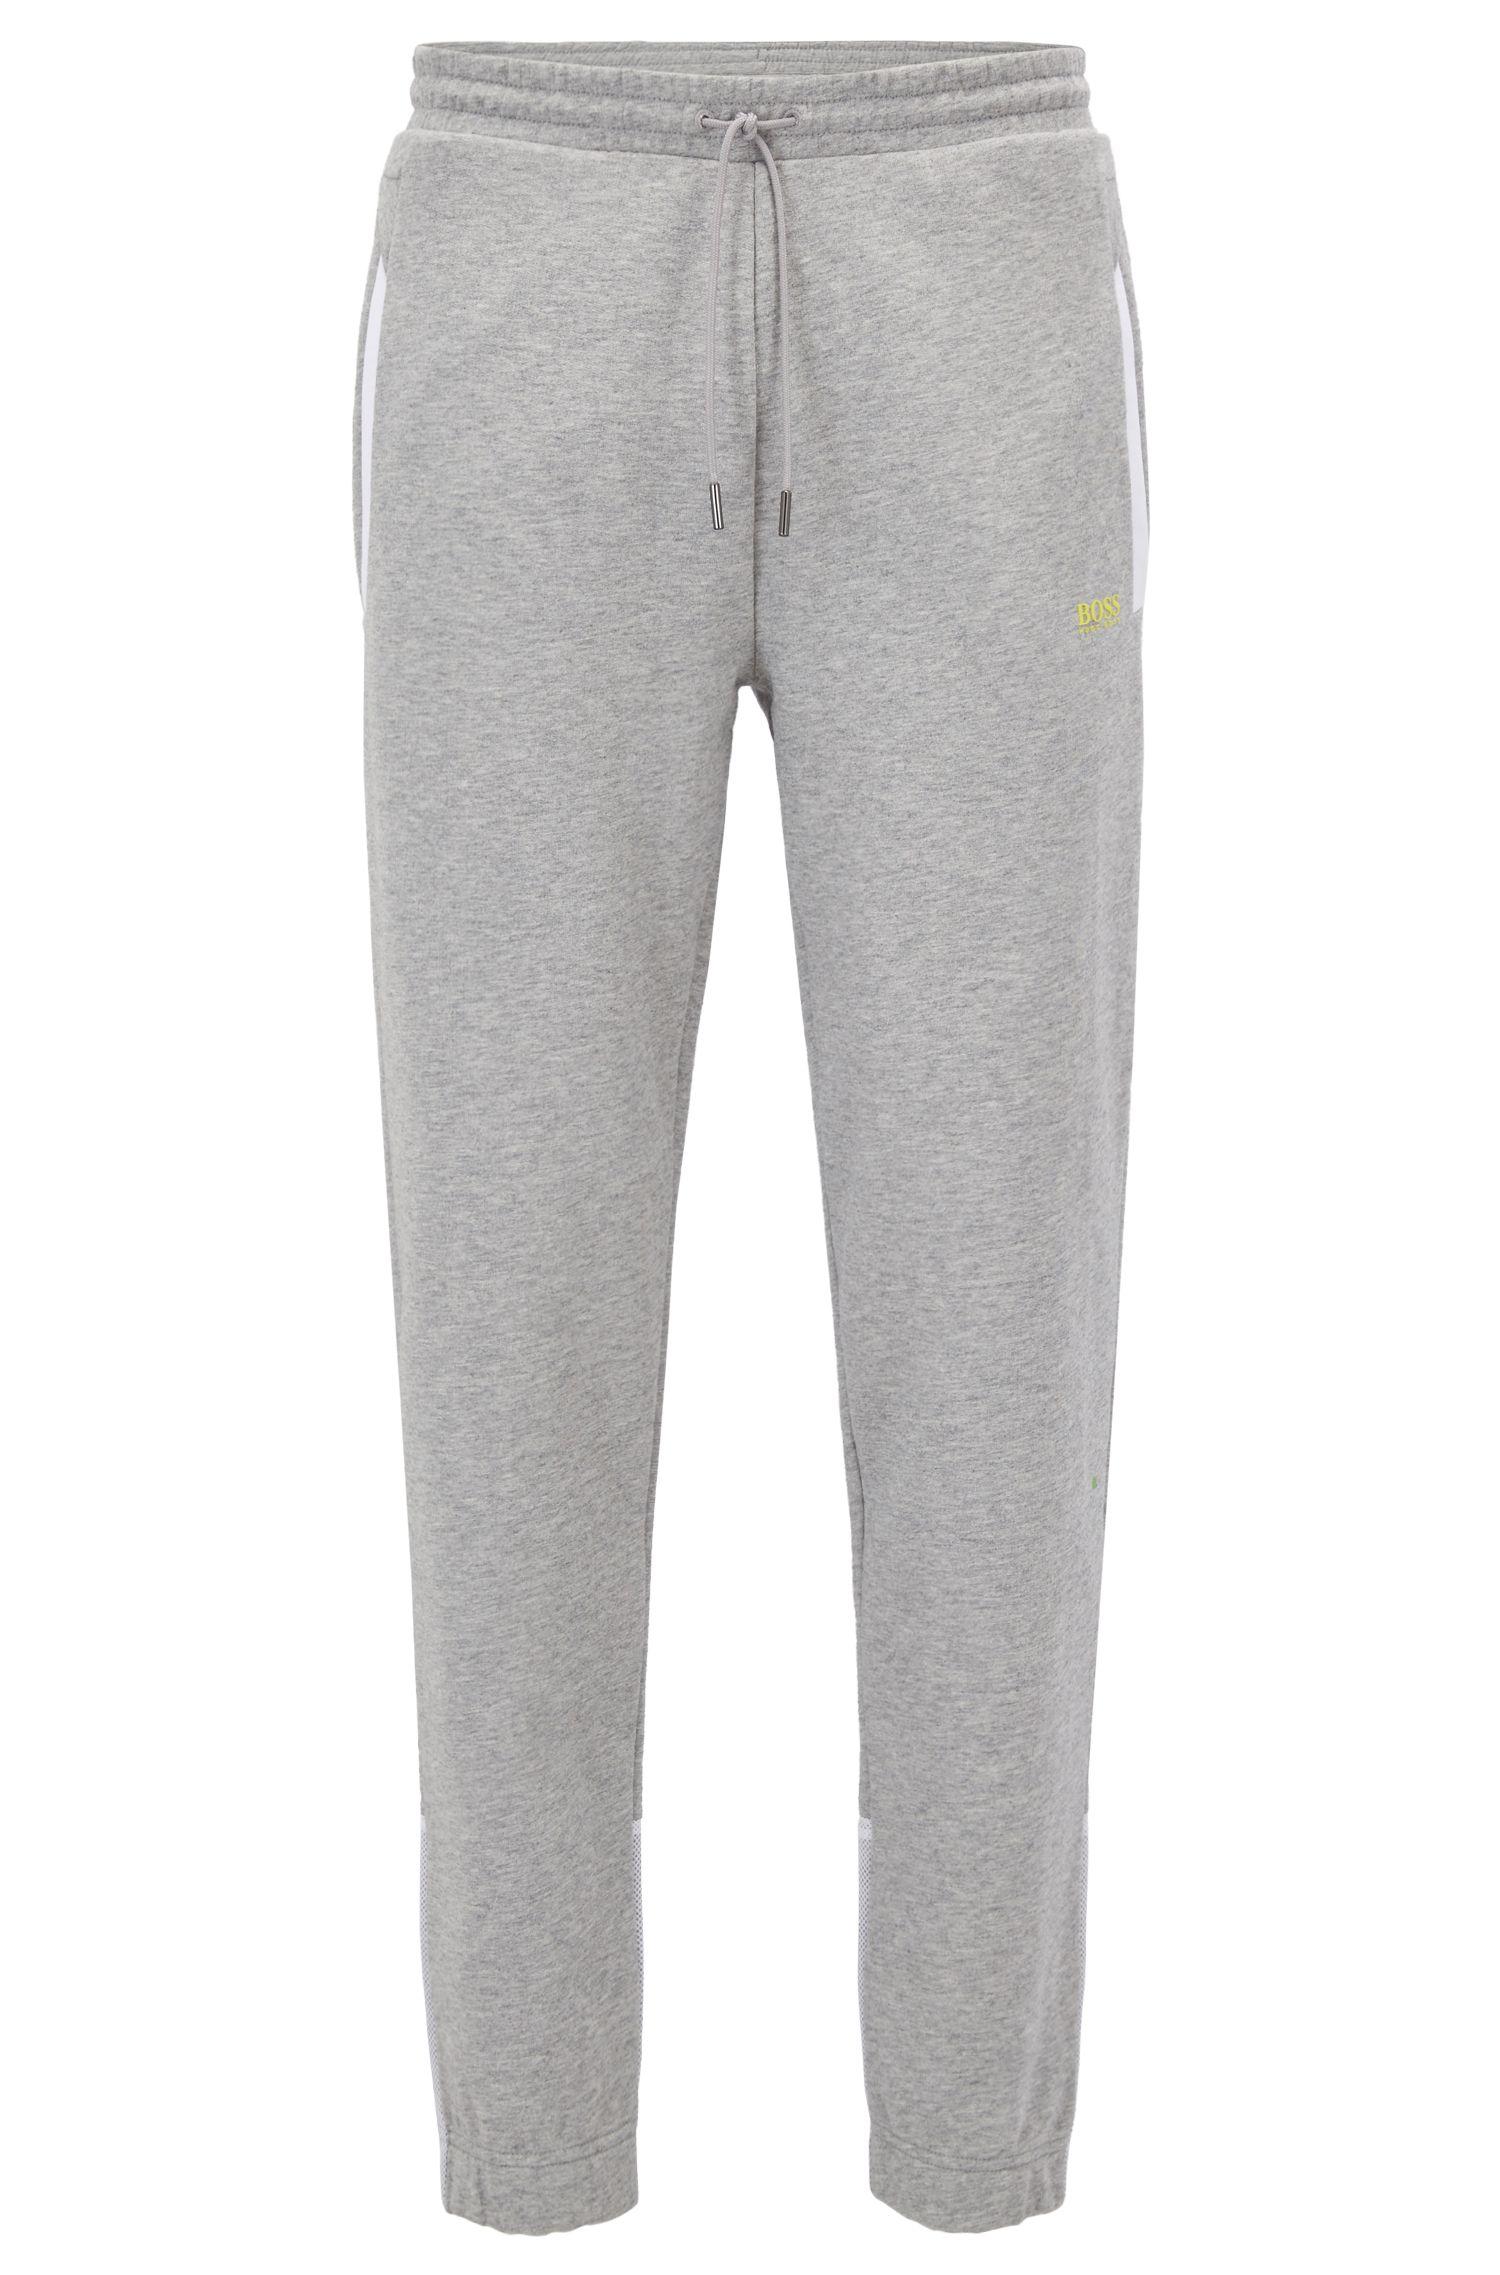 Pantalon de jogging en coton à empiècements en mesh